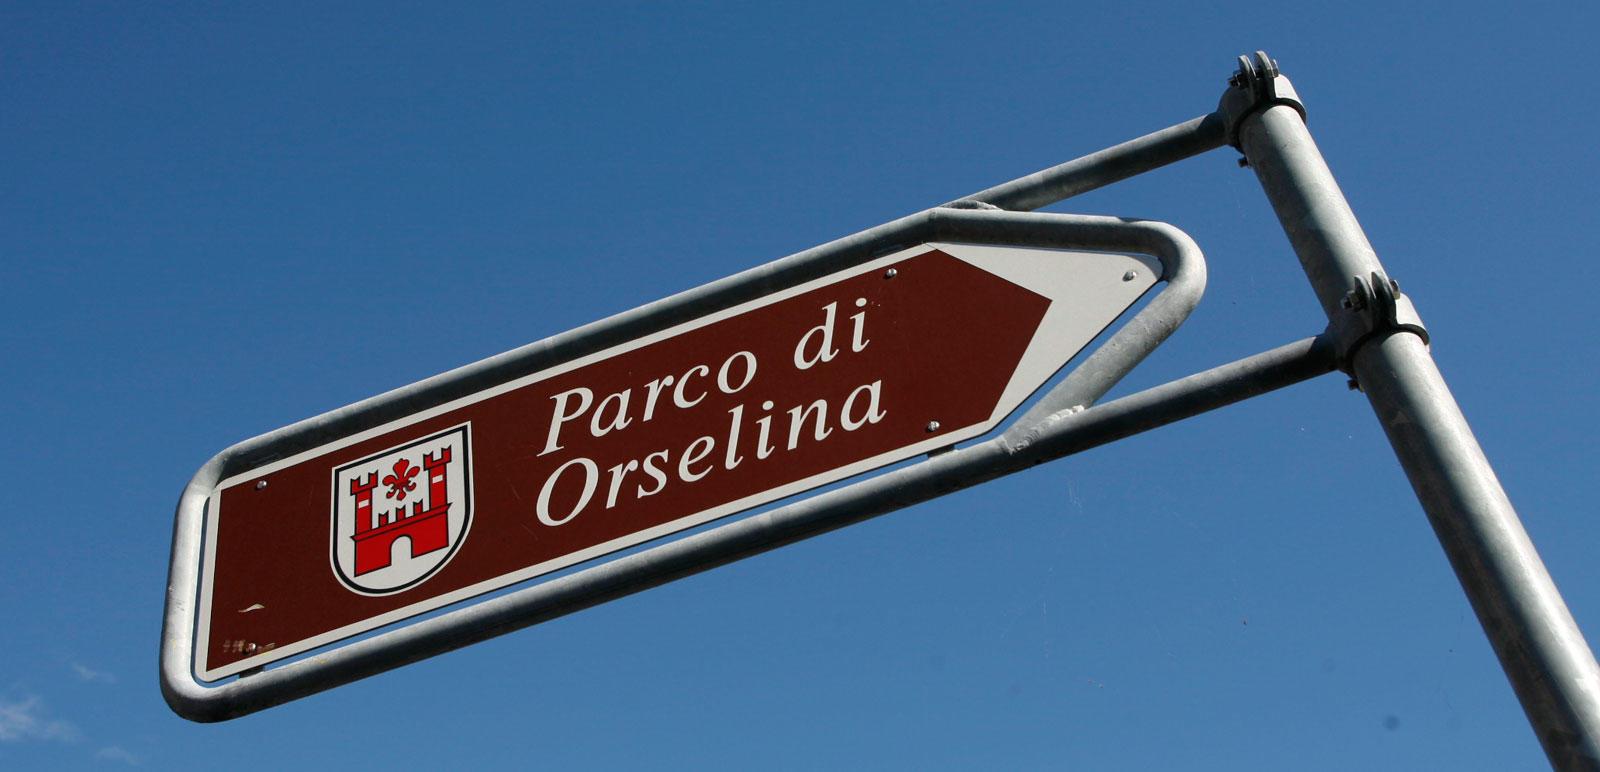 Wegweiser zum Parco di Orselina bei Locarno